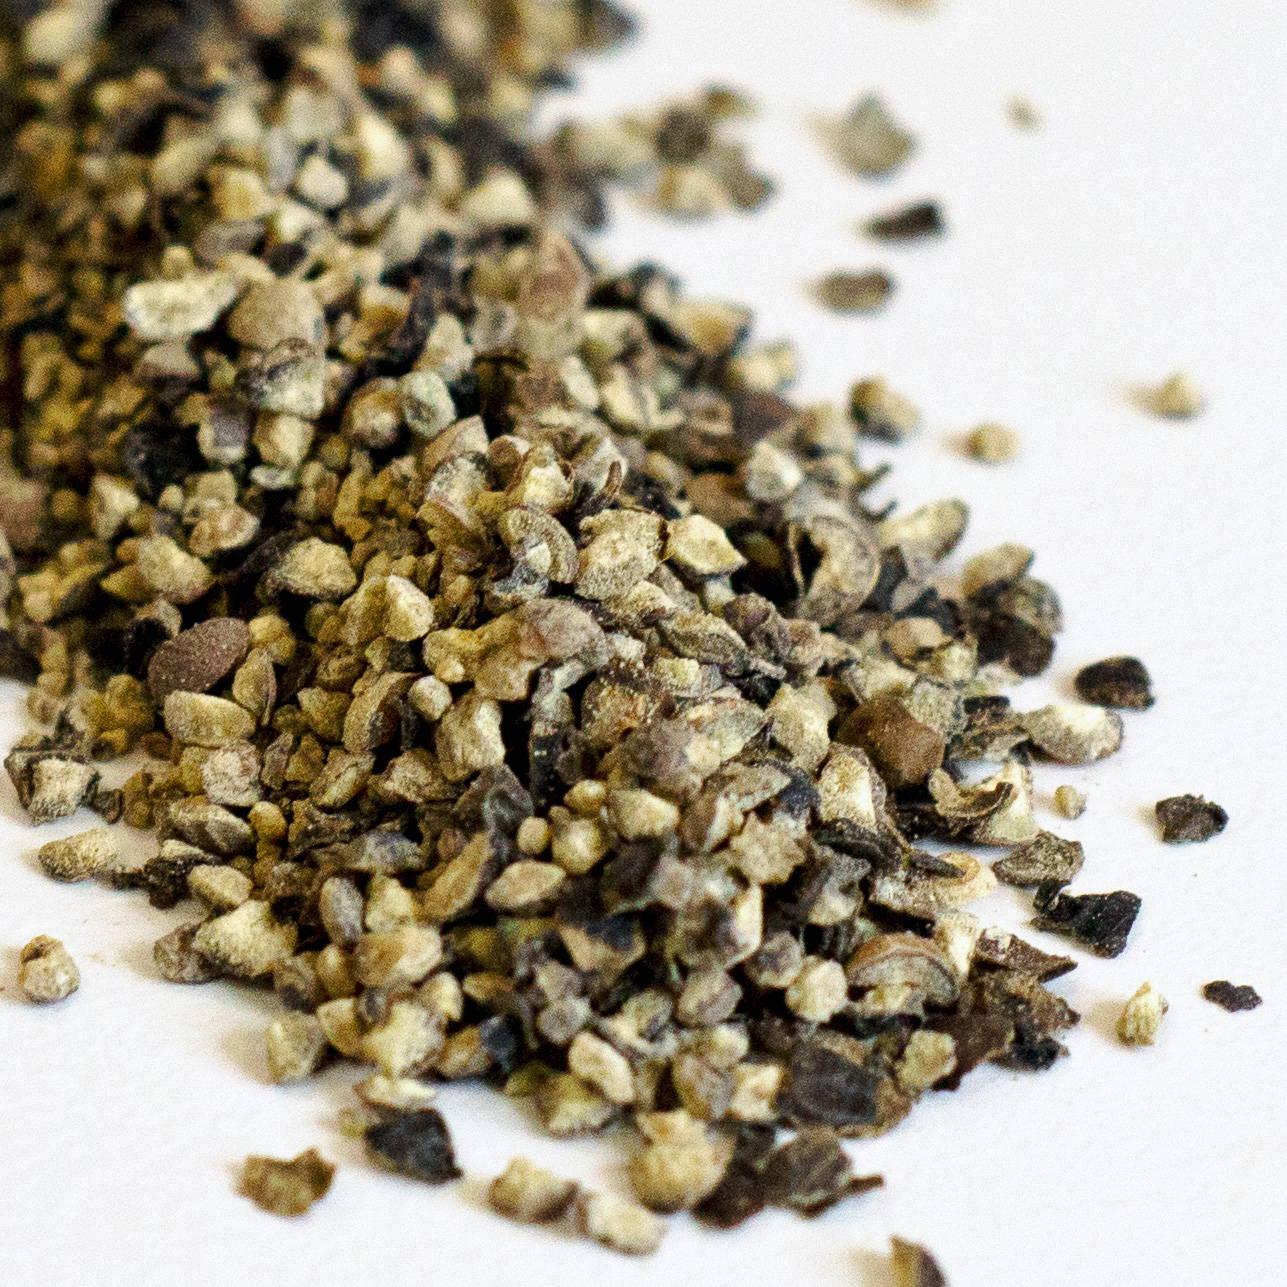 freshjax Organic Cracked Black Pepper